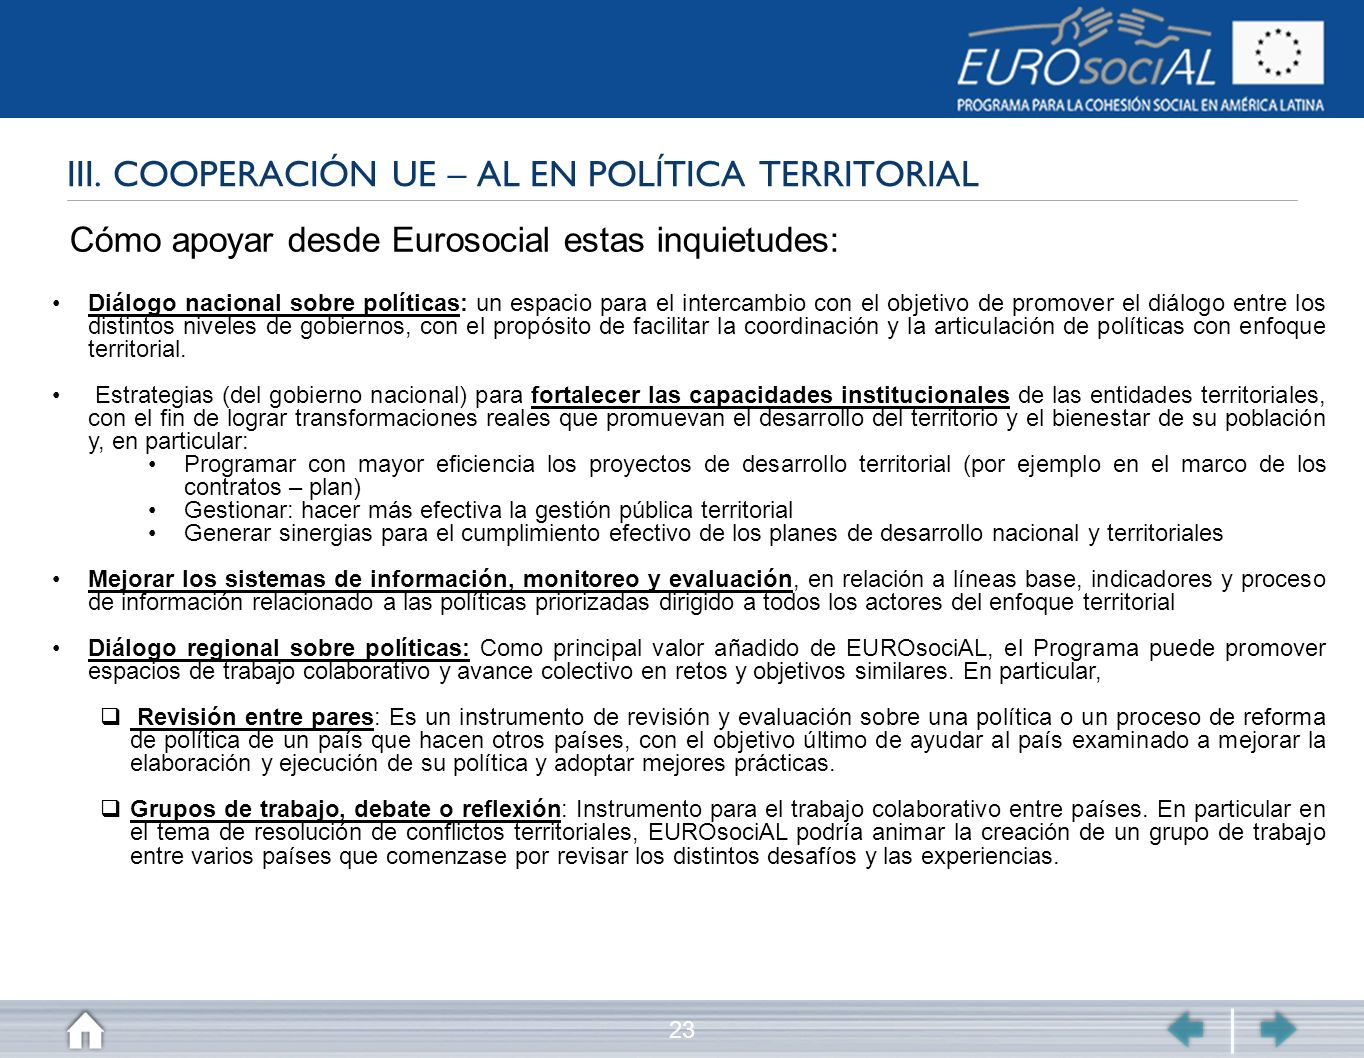 23 III. COOPERACIÓN UE – AL EN POLÍTICA TERRITORIAL Cómo apoyar desde Eurosocial estas inquietudes: Diálogo nacional sobre políticas: un espacio para